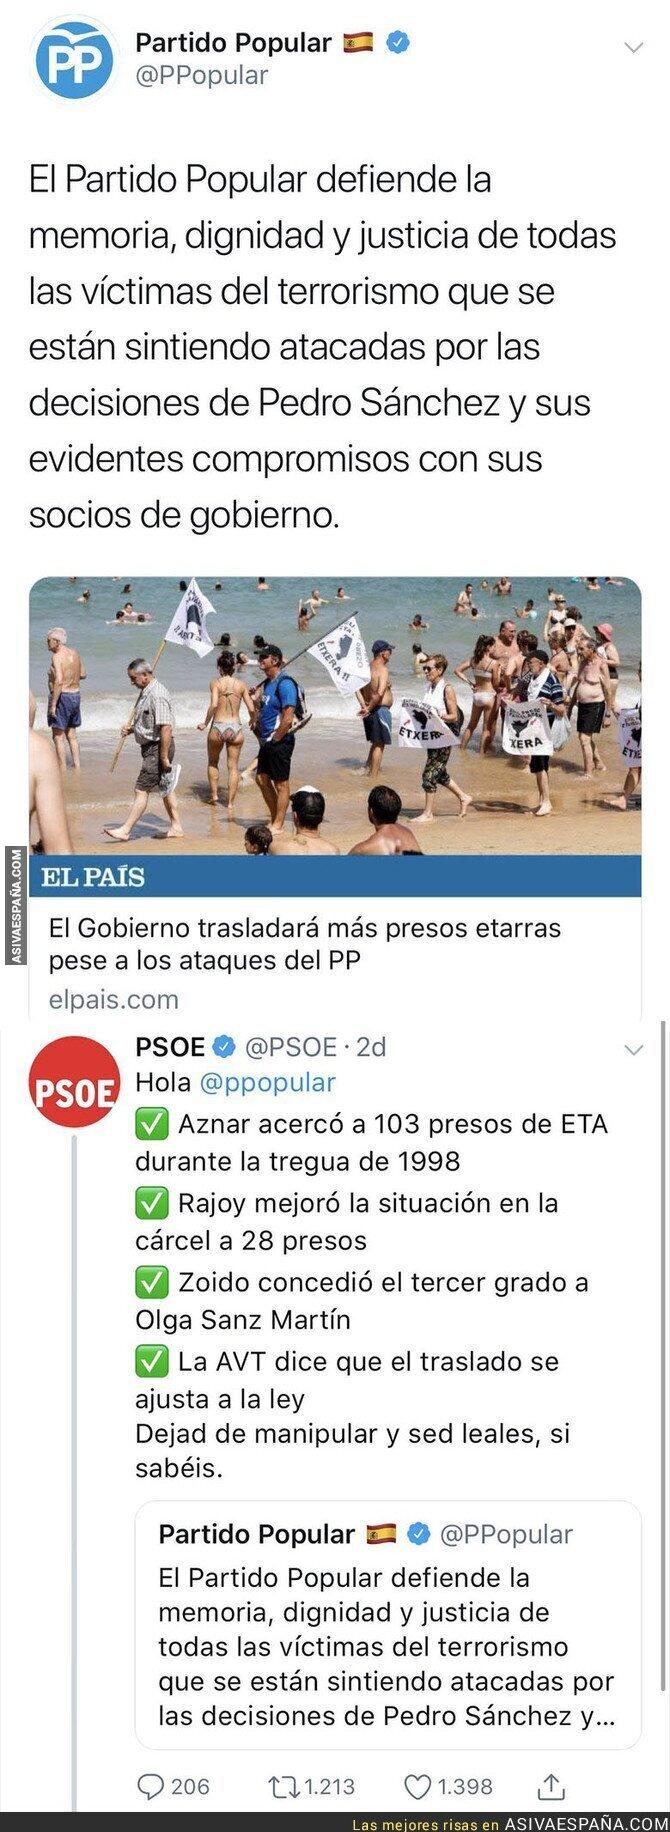 91132 - Carrusel de zascas del PSOE al Partido Popular por las víctimas del terrorismo